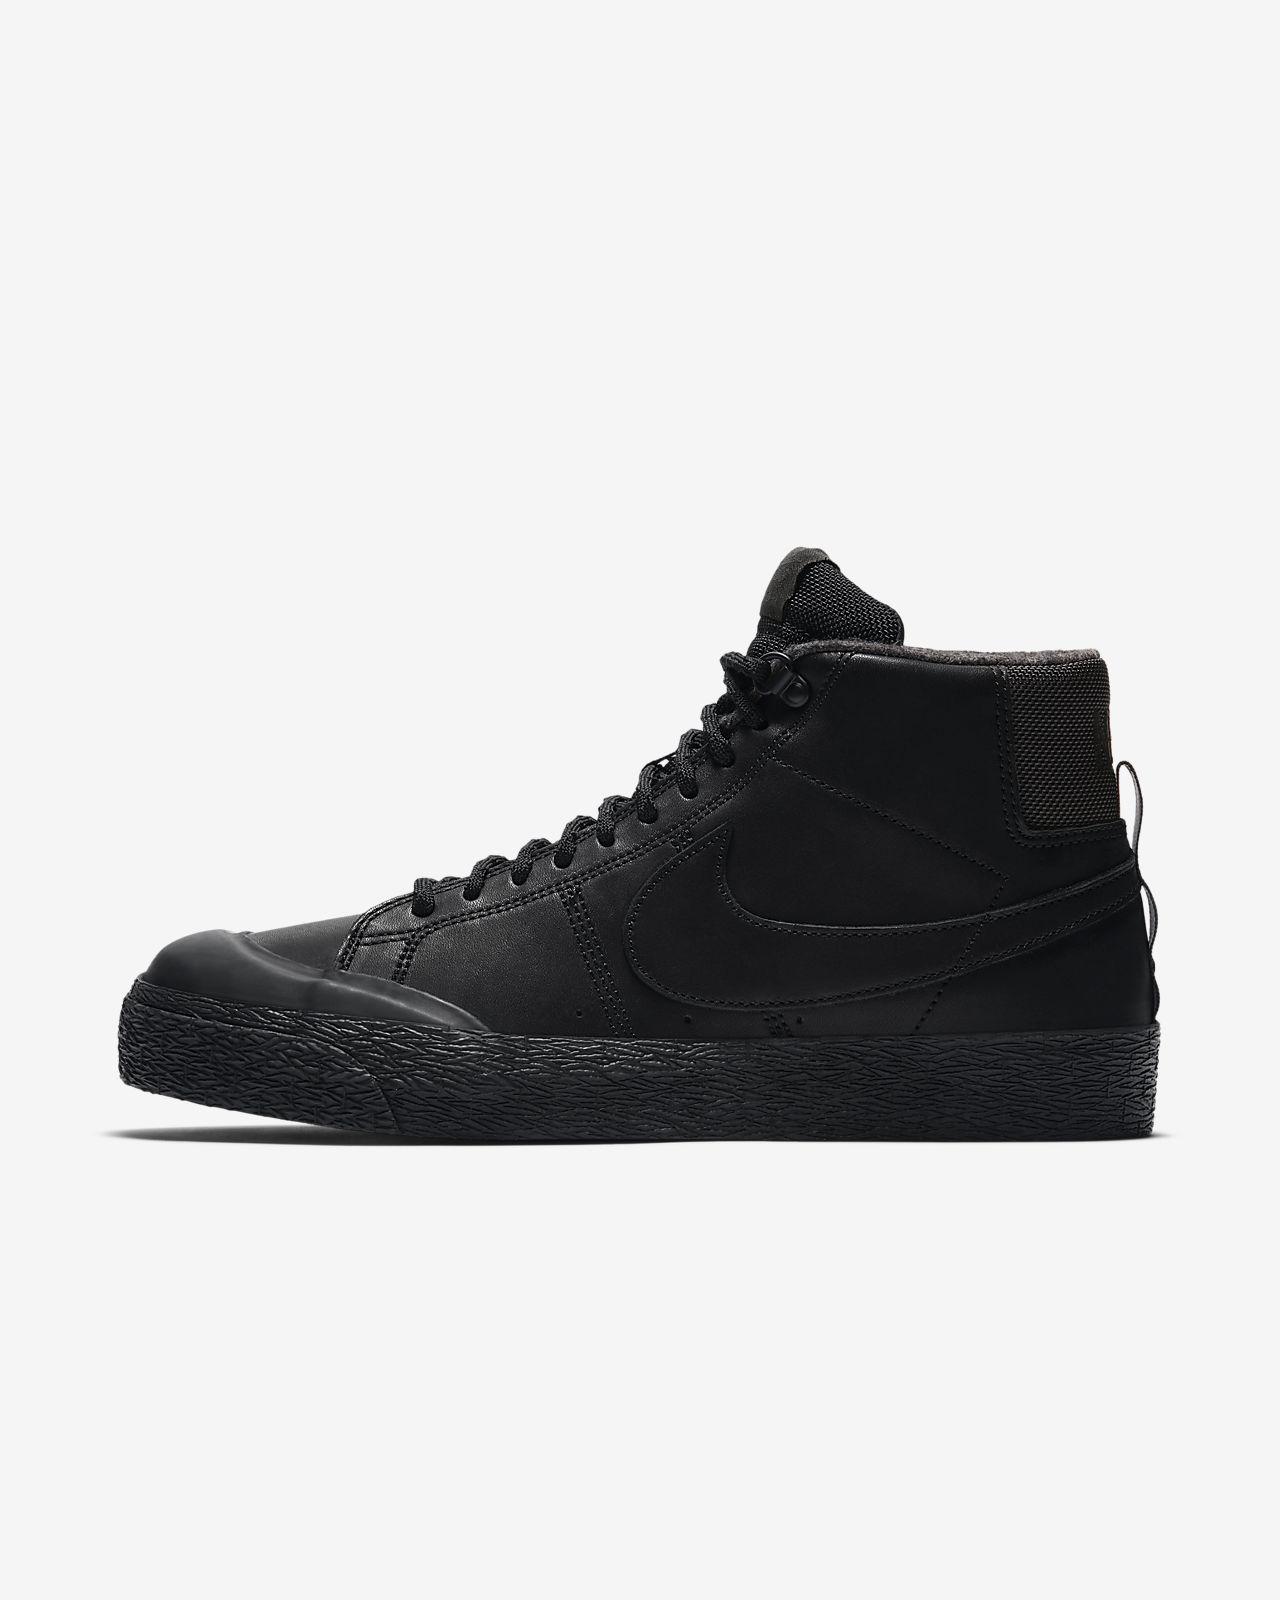 à bas prix jeu eastbay Nike Blazer Mi Prime Sélectionner pas cher authentique original jeu la sortie offres Nqhc5S